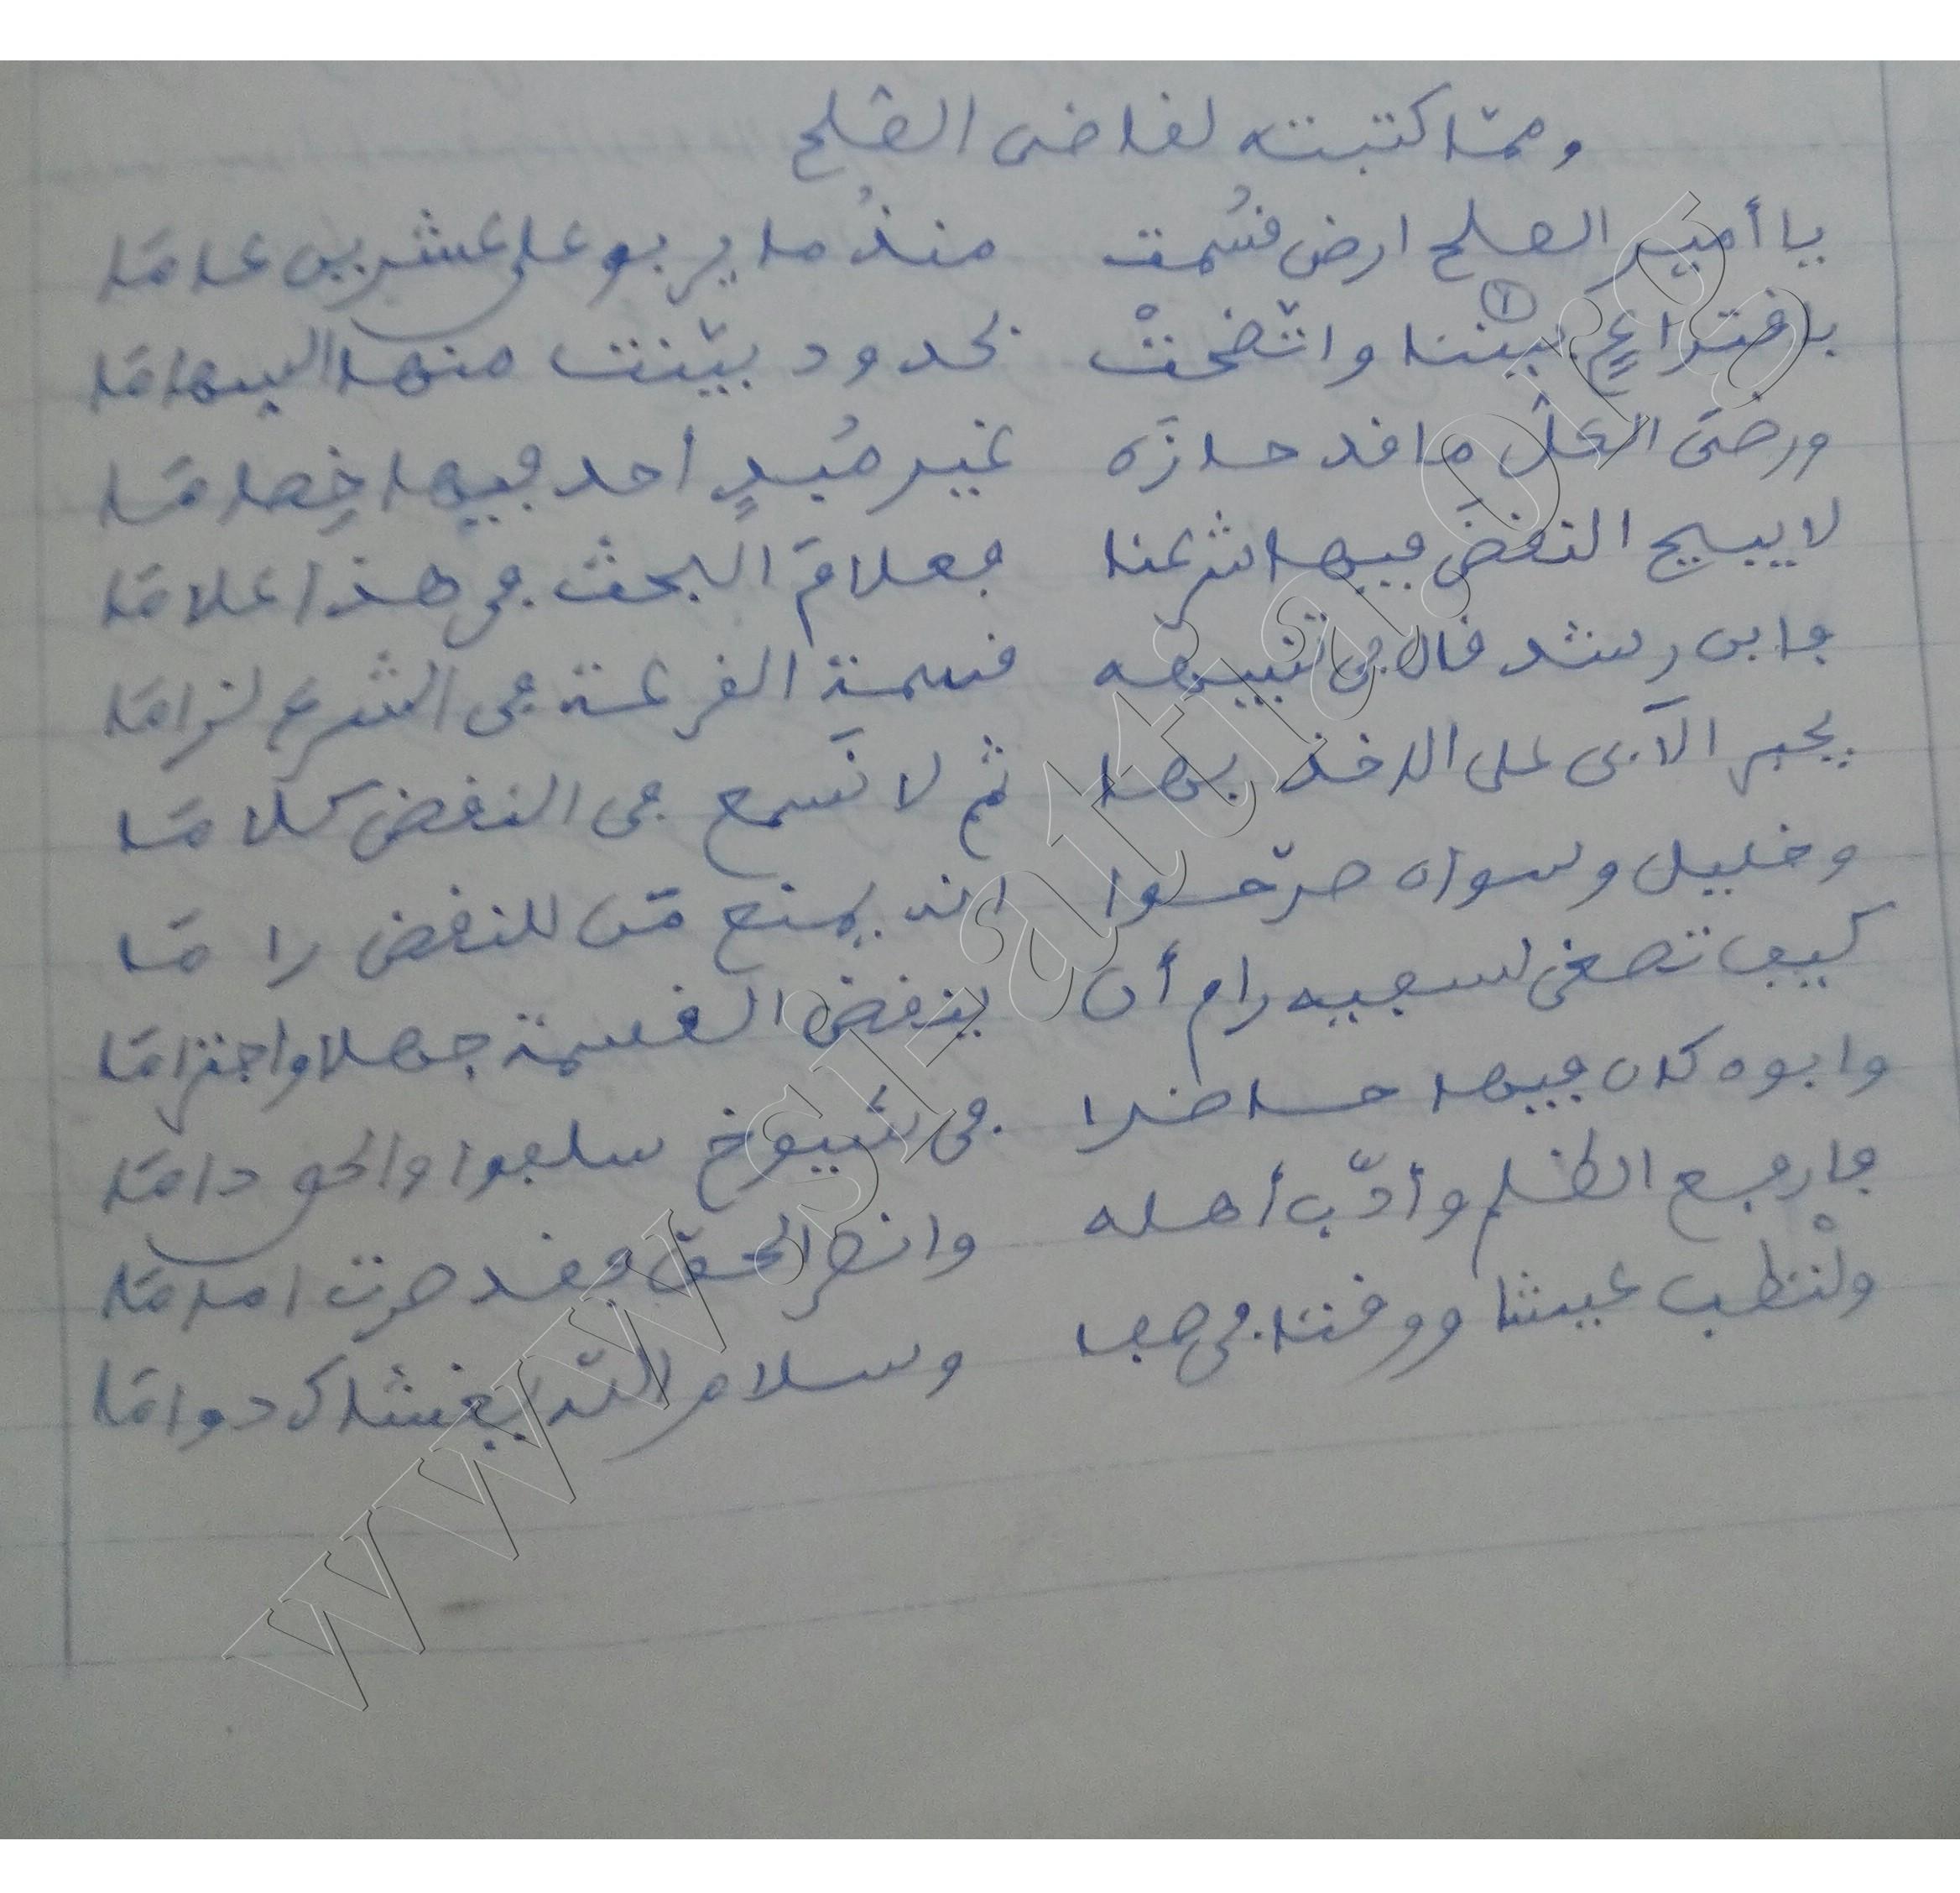 مما كتبه الشيخ سي عطية مسعودي لقاضي الصلح